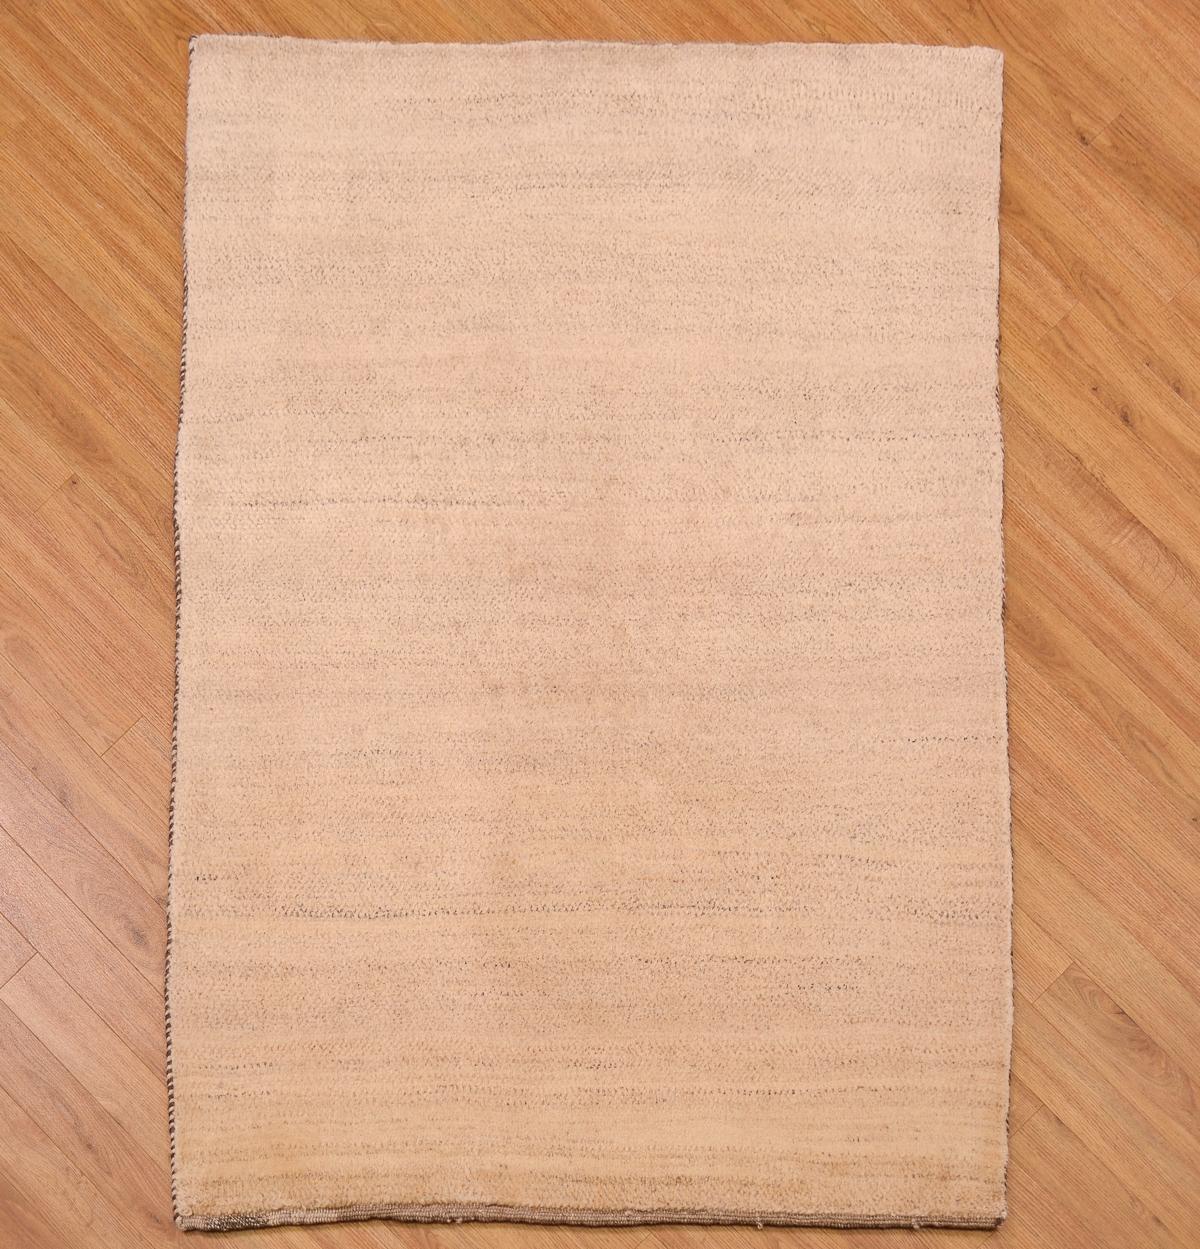 Natural Gabbeh Plain Rug 1 50x1 04m The Oriental Rug